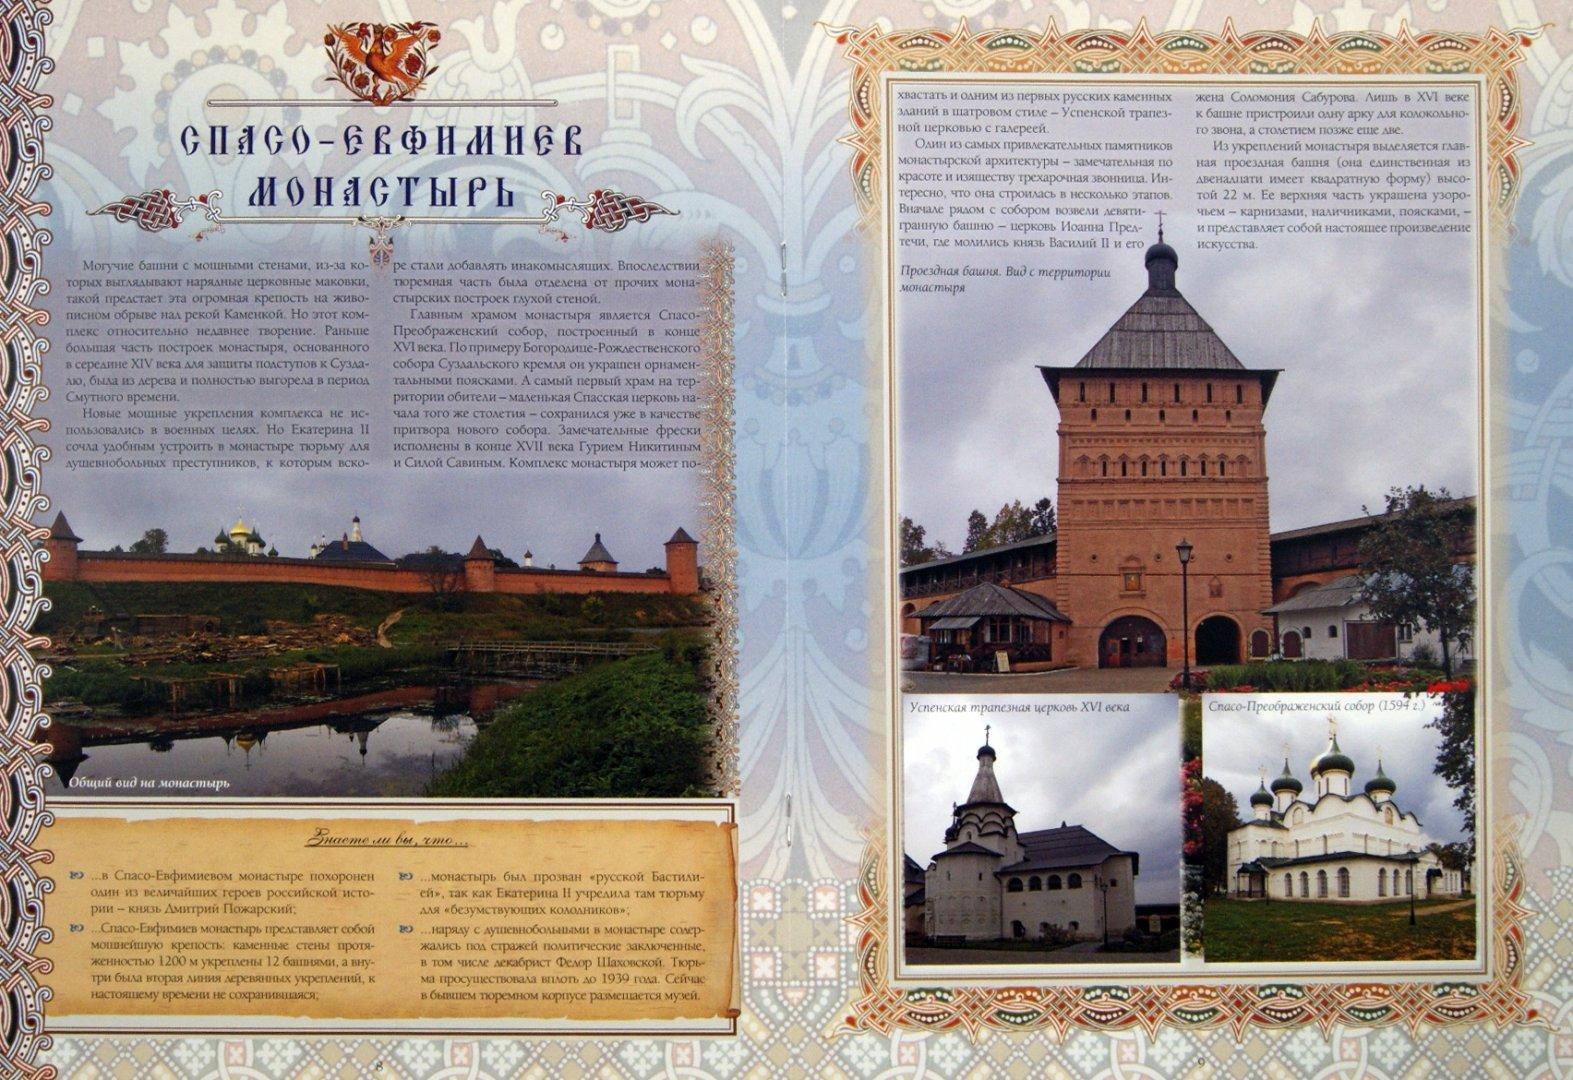 Иллюстрация 1 из 11 для Суздаль - музей под открытым небом - Зоркая, Маневич, Шахов | Лабиринт - книги. Источник: Лабиринт